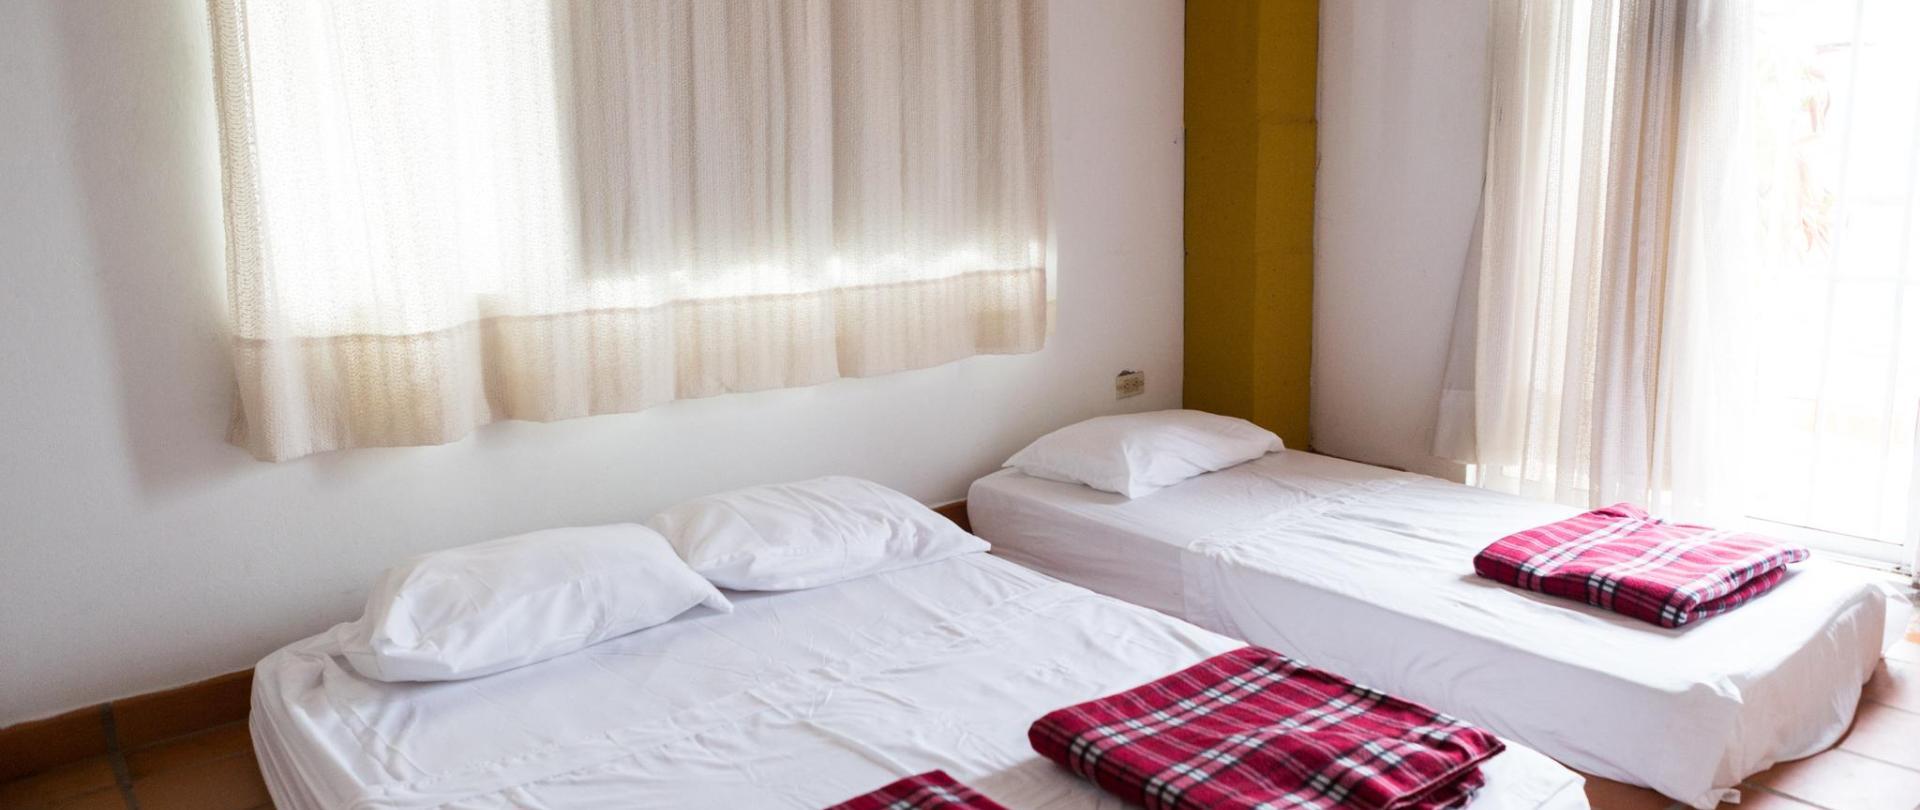 Galería Guatape habitaciones -6.jpg